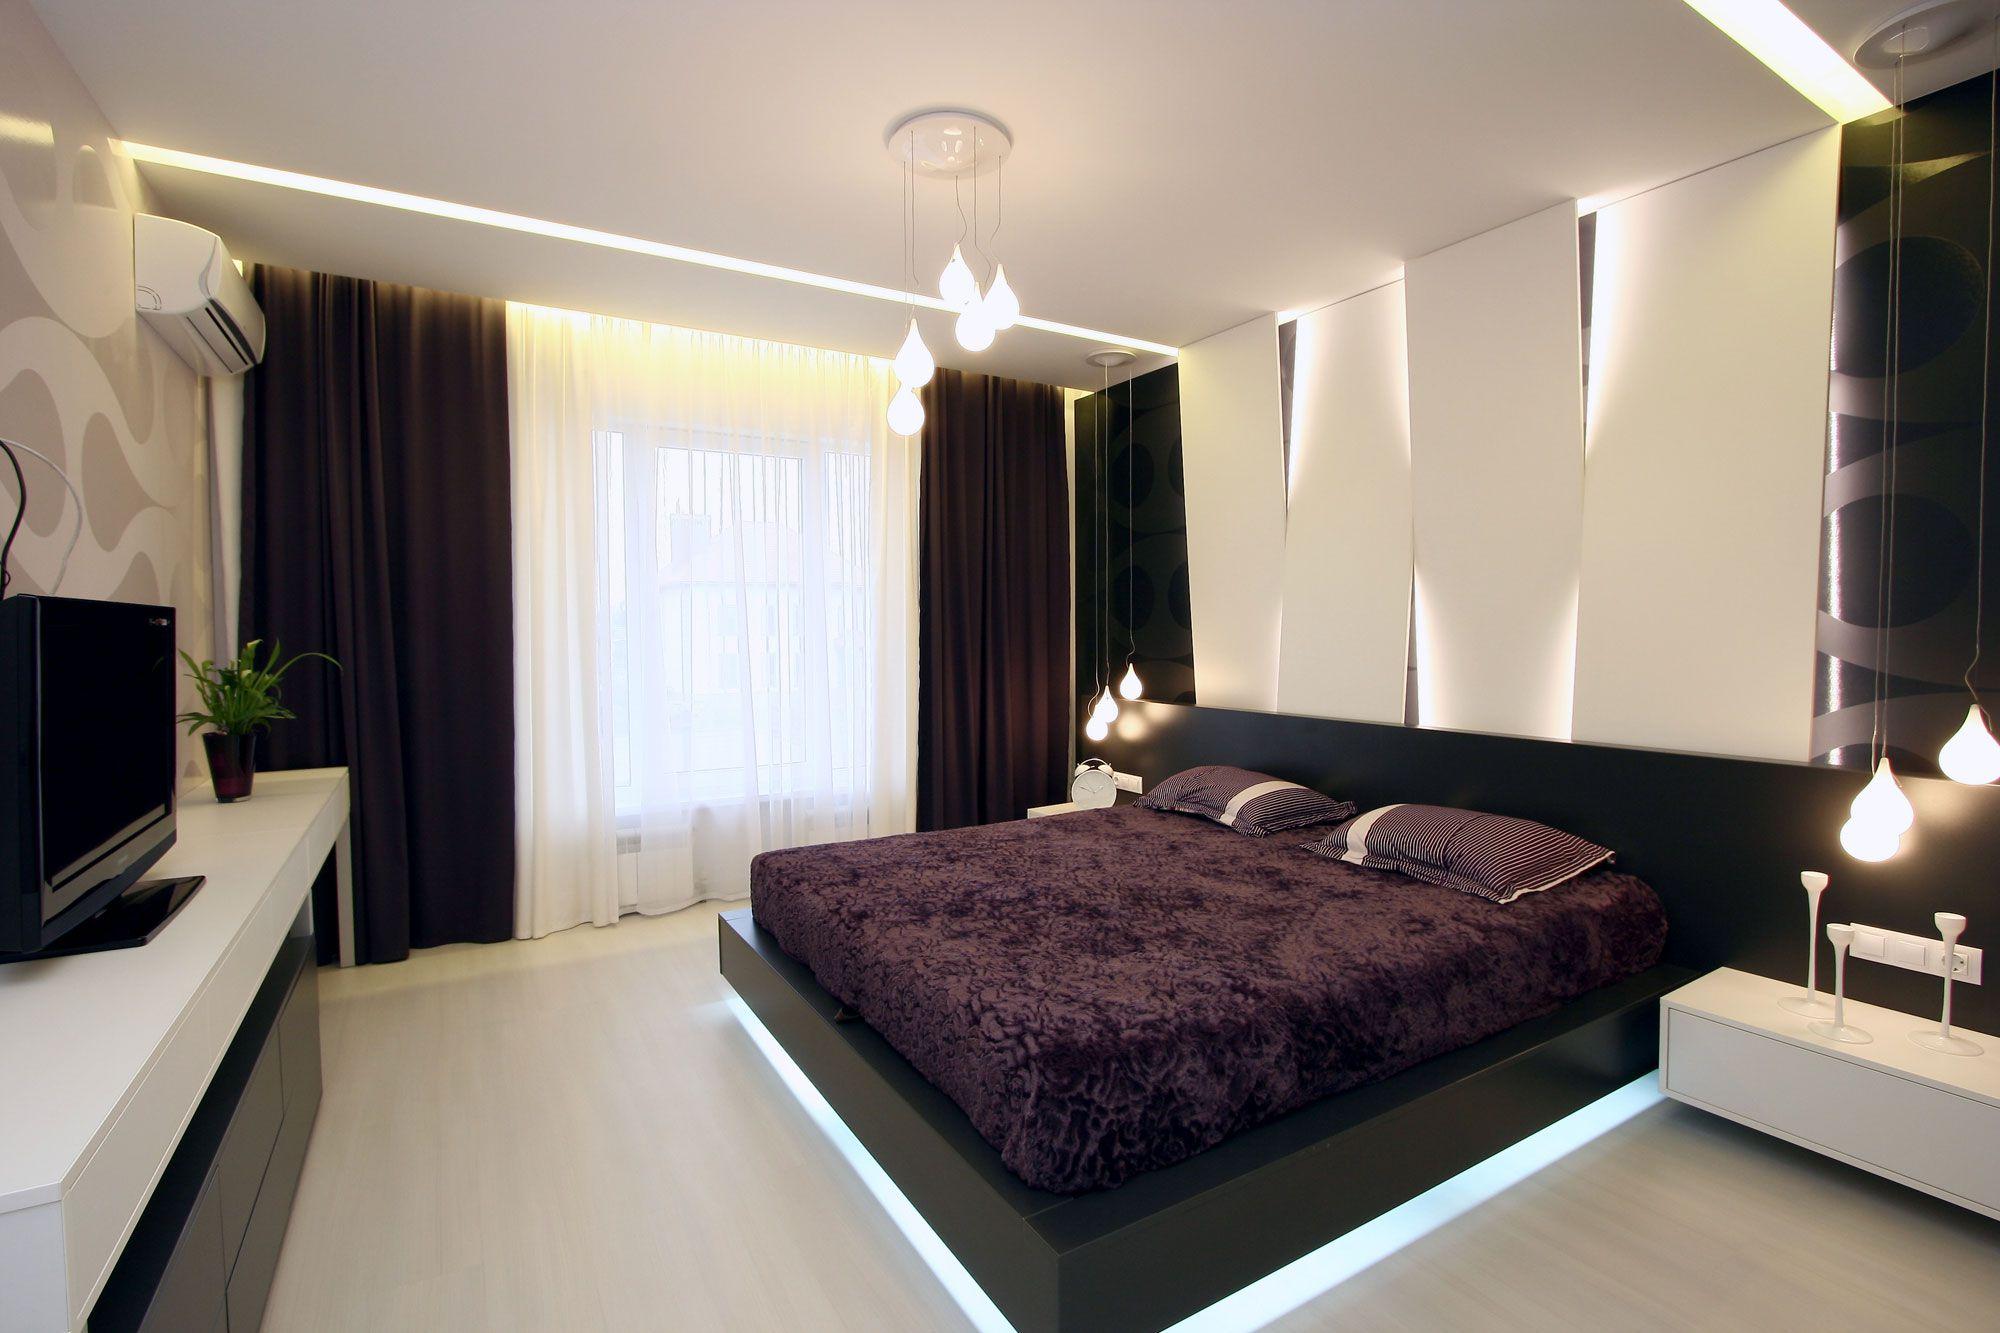 Черно-белые стены в интерьере современной спальни